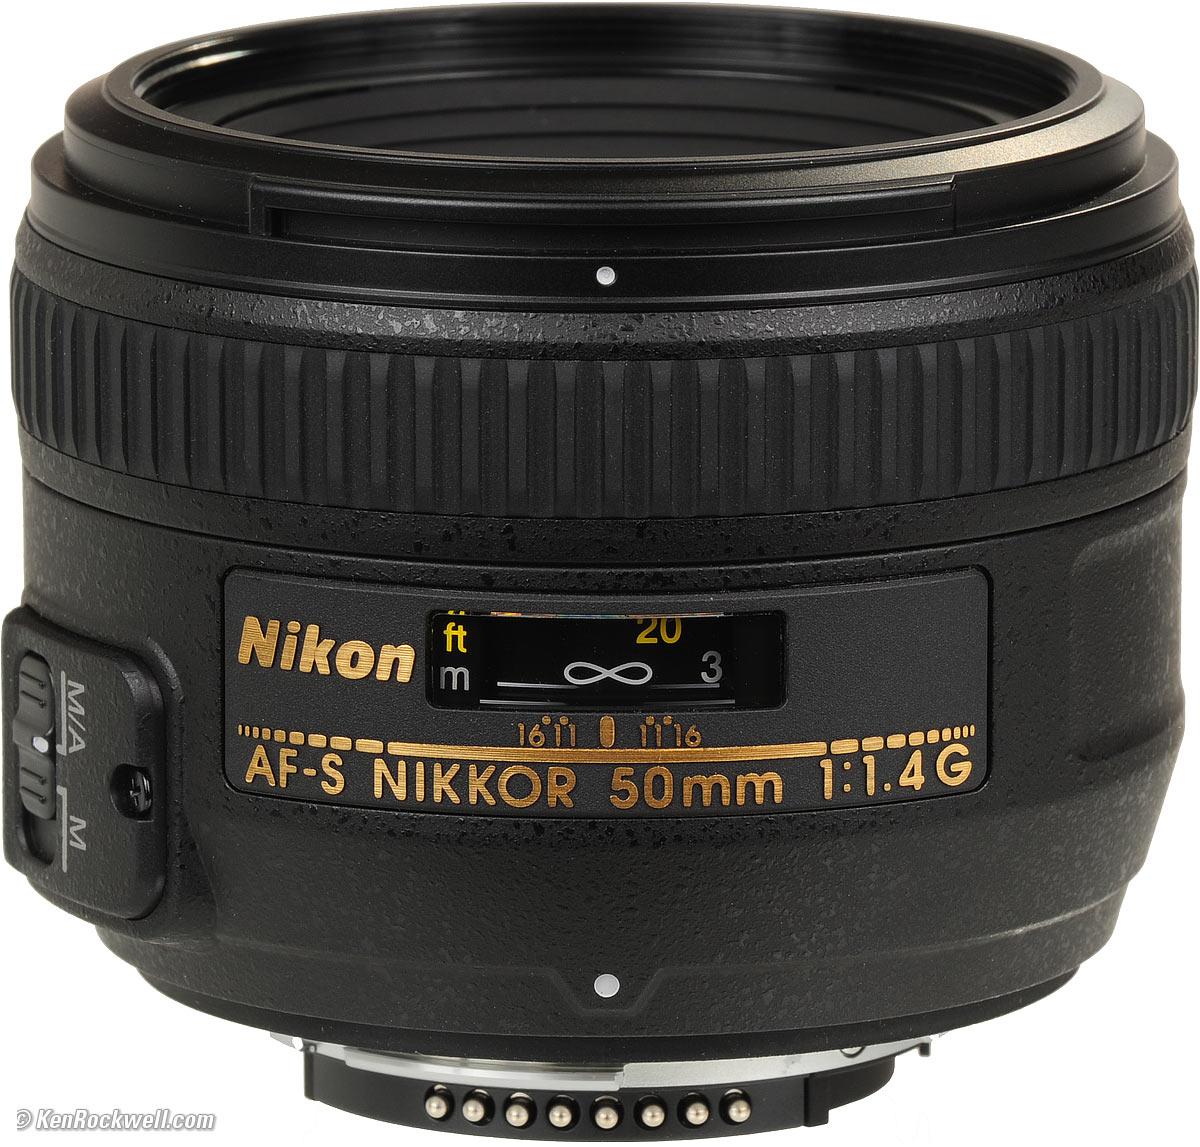 Nikon 50mm f/1.4G AF-S – 40 RON